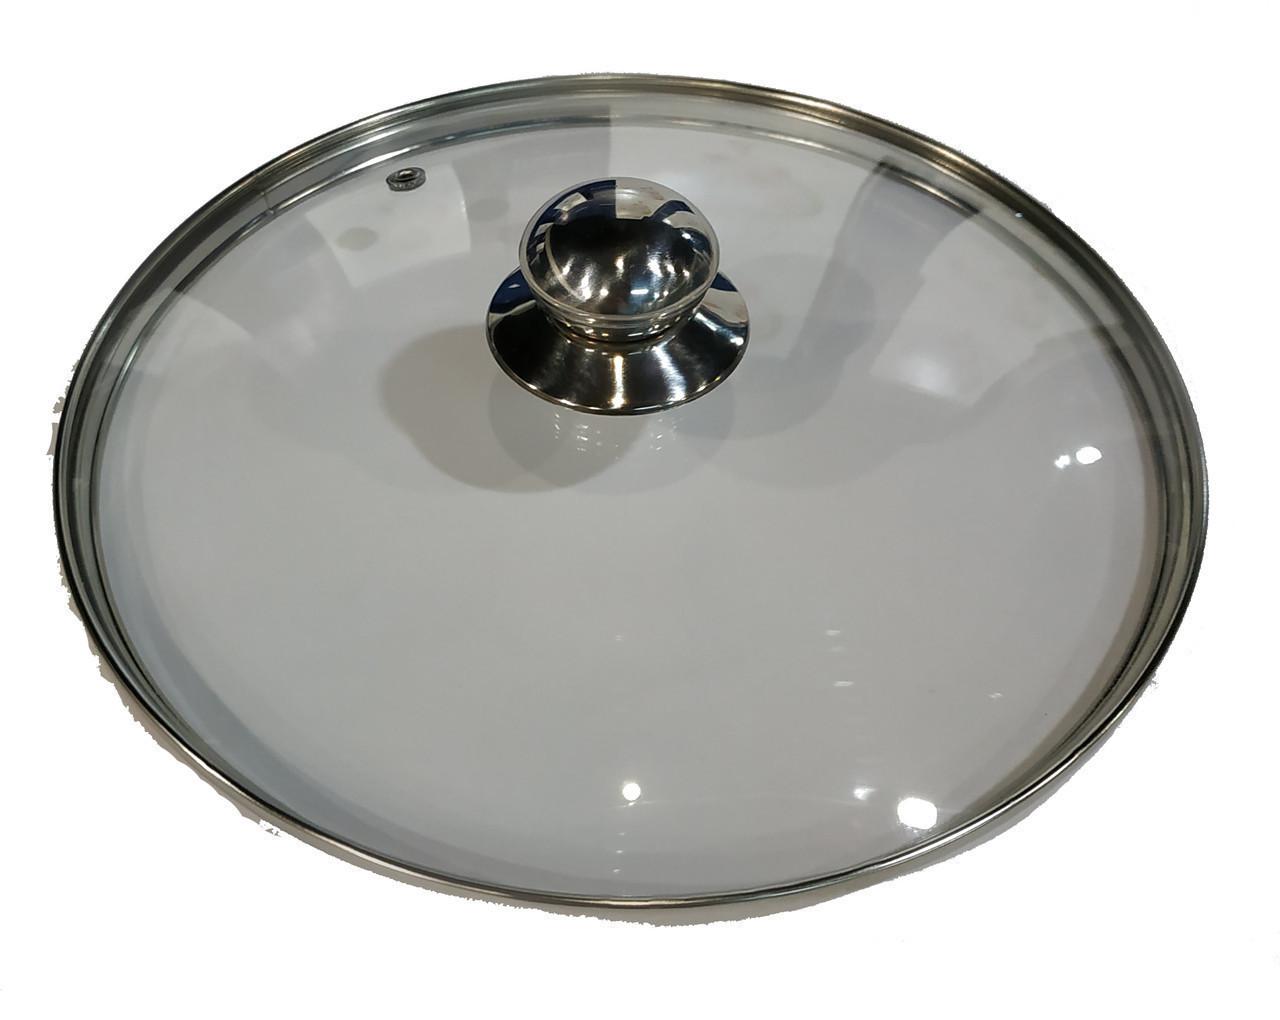 Крышка из закаленного стекла Benson BN-1006 (26 см) | стеклянная крышка на кастрюлю Бенсон | крышка стекло